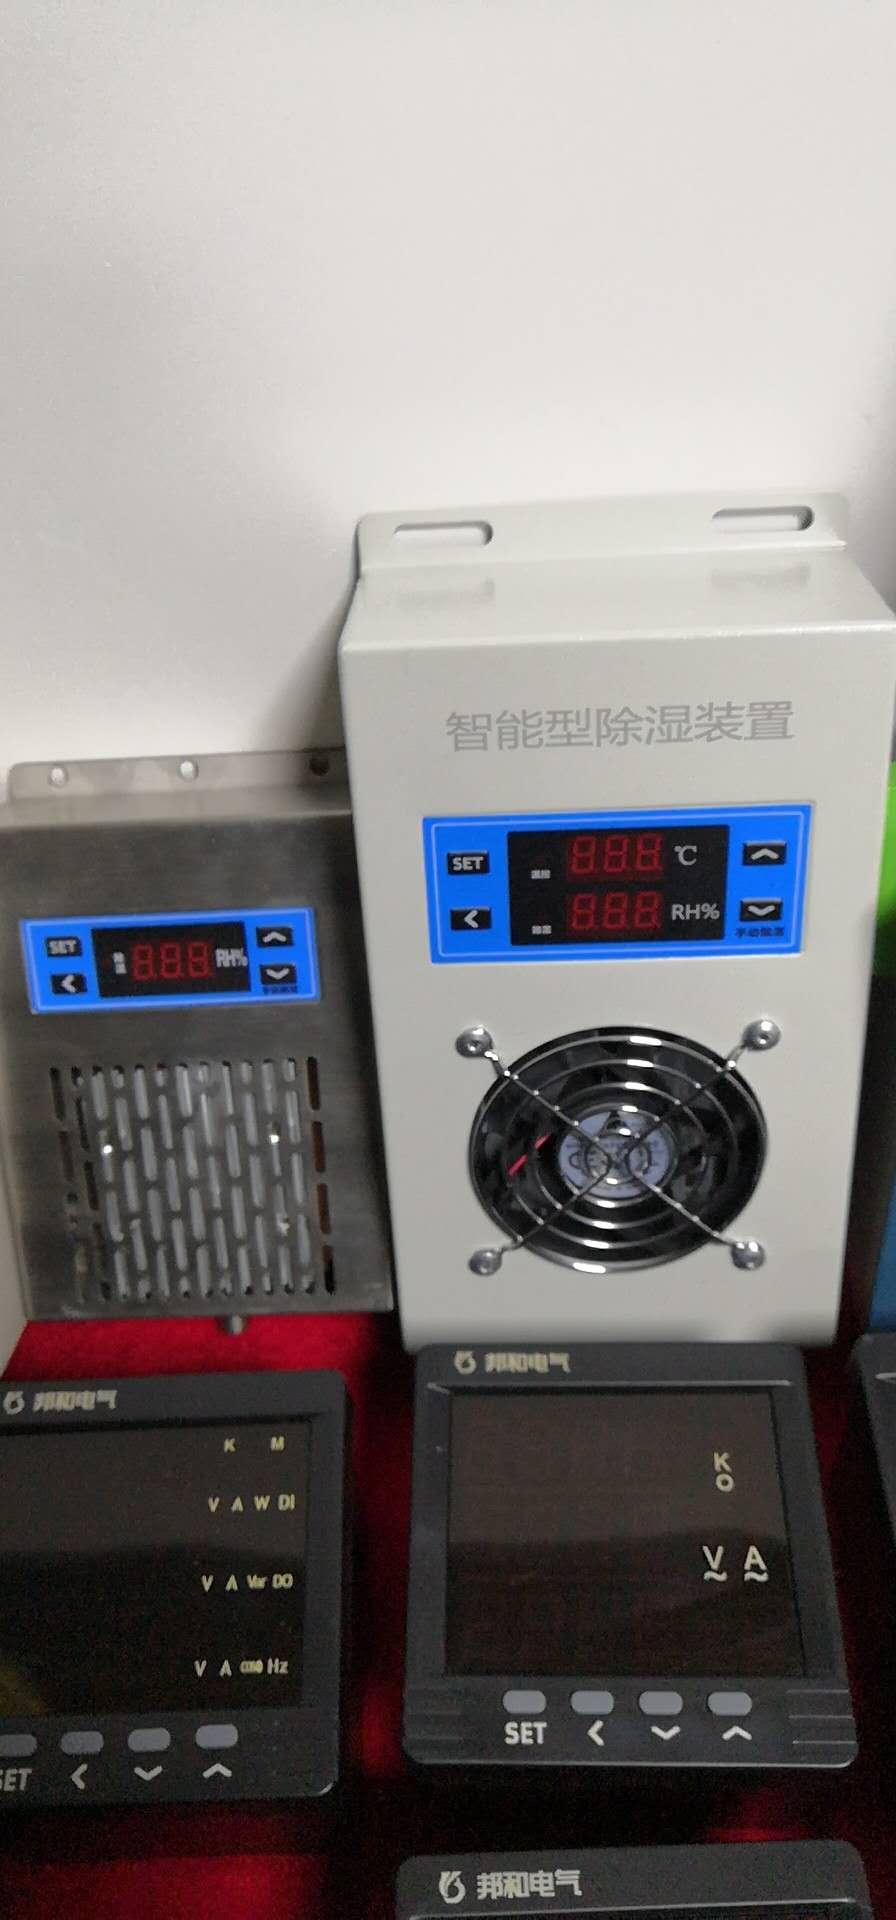 ZKSP-50/4P双电源自动转换开关【今日报价】赣州